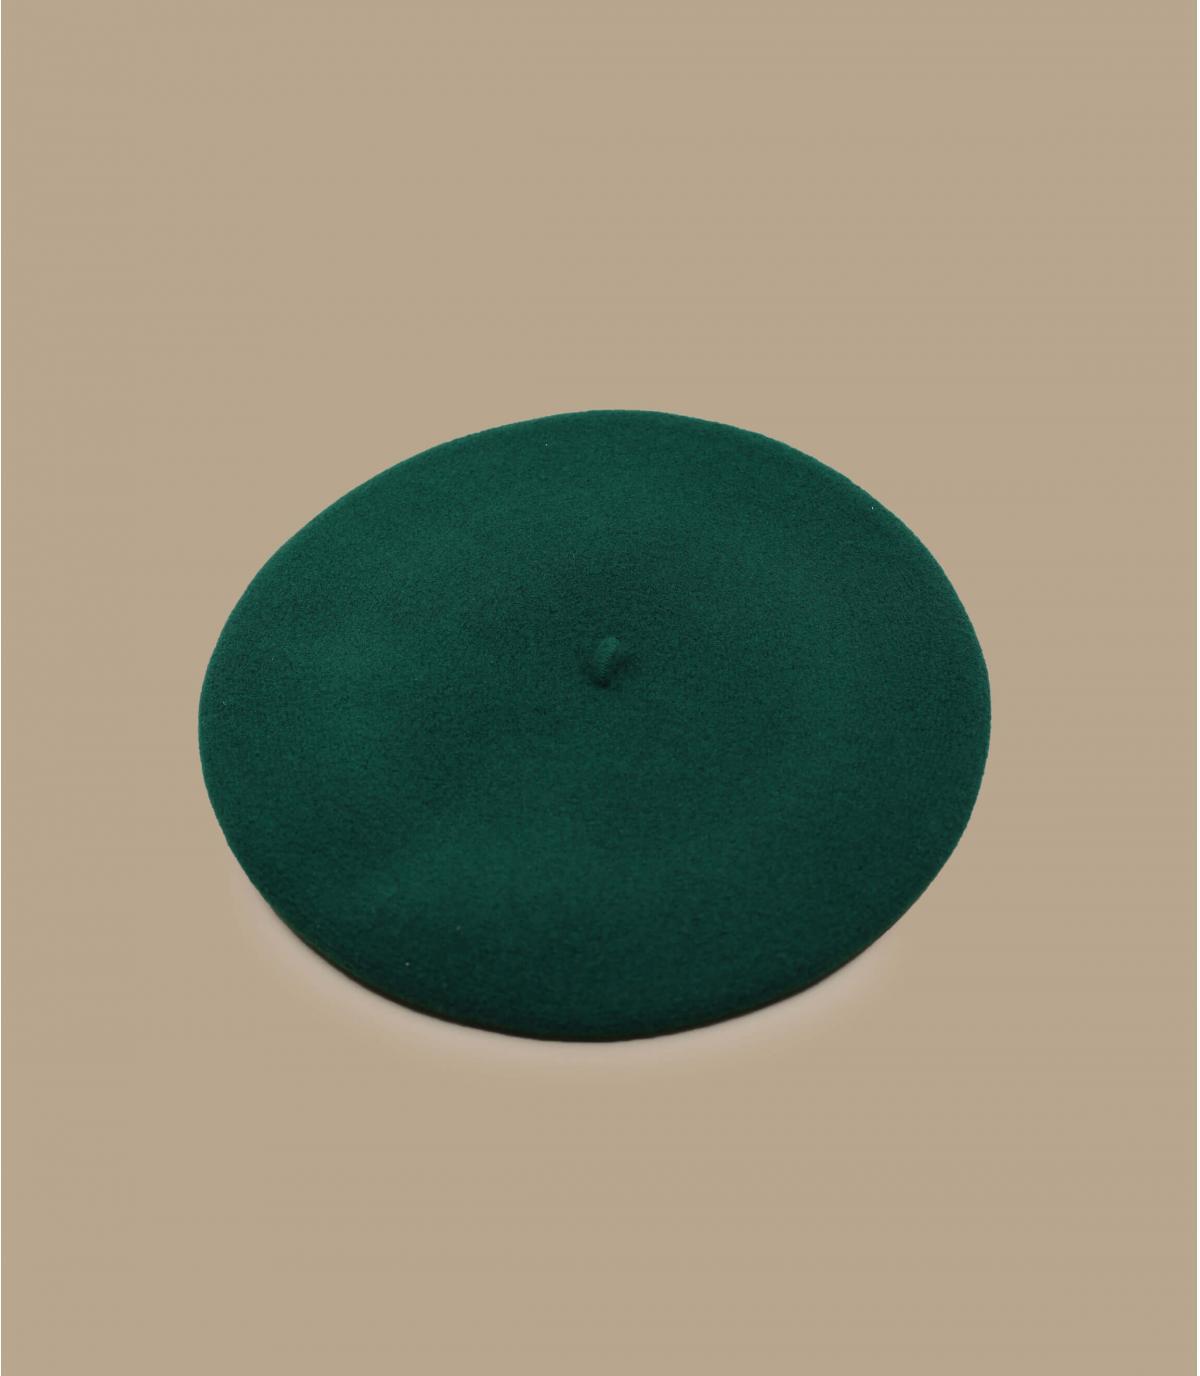 green beret Laulhère